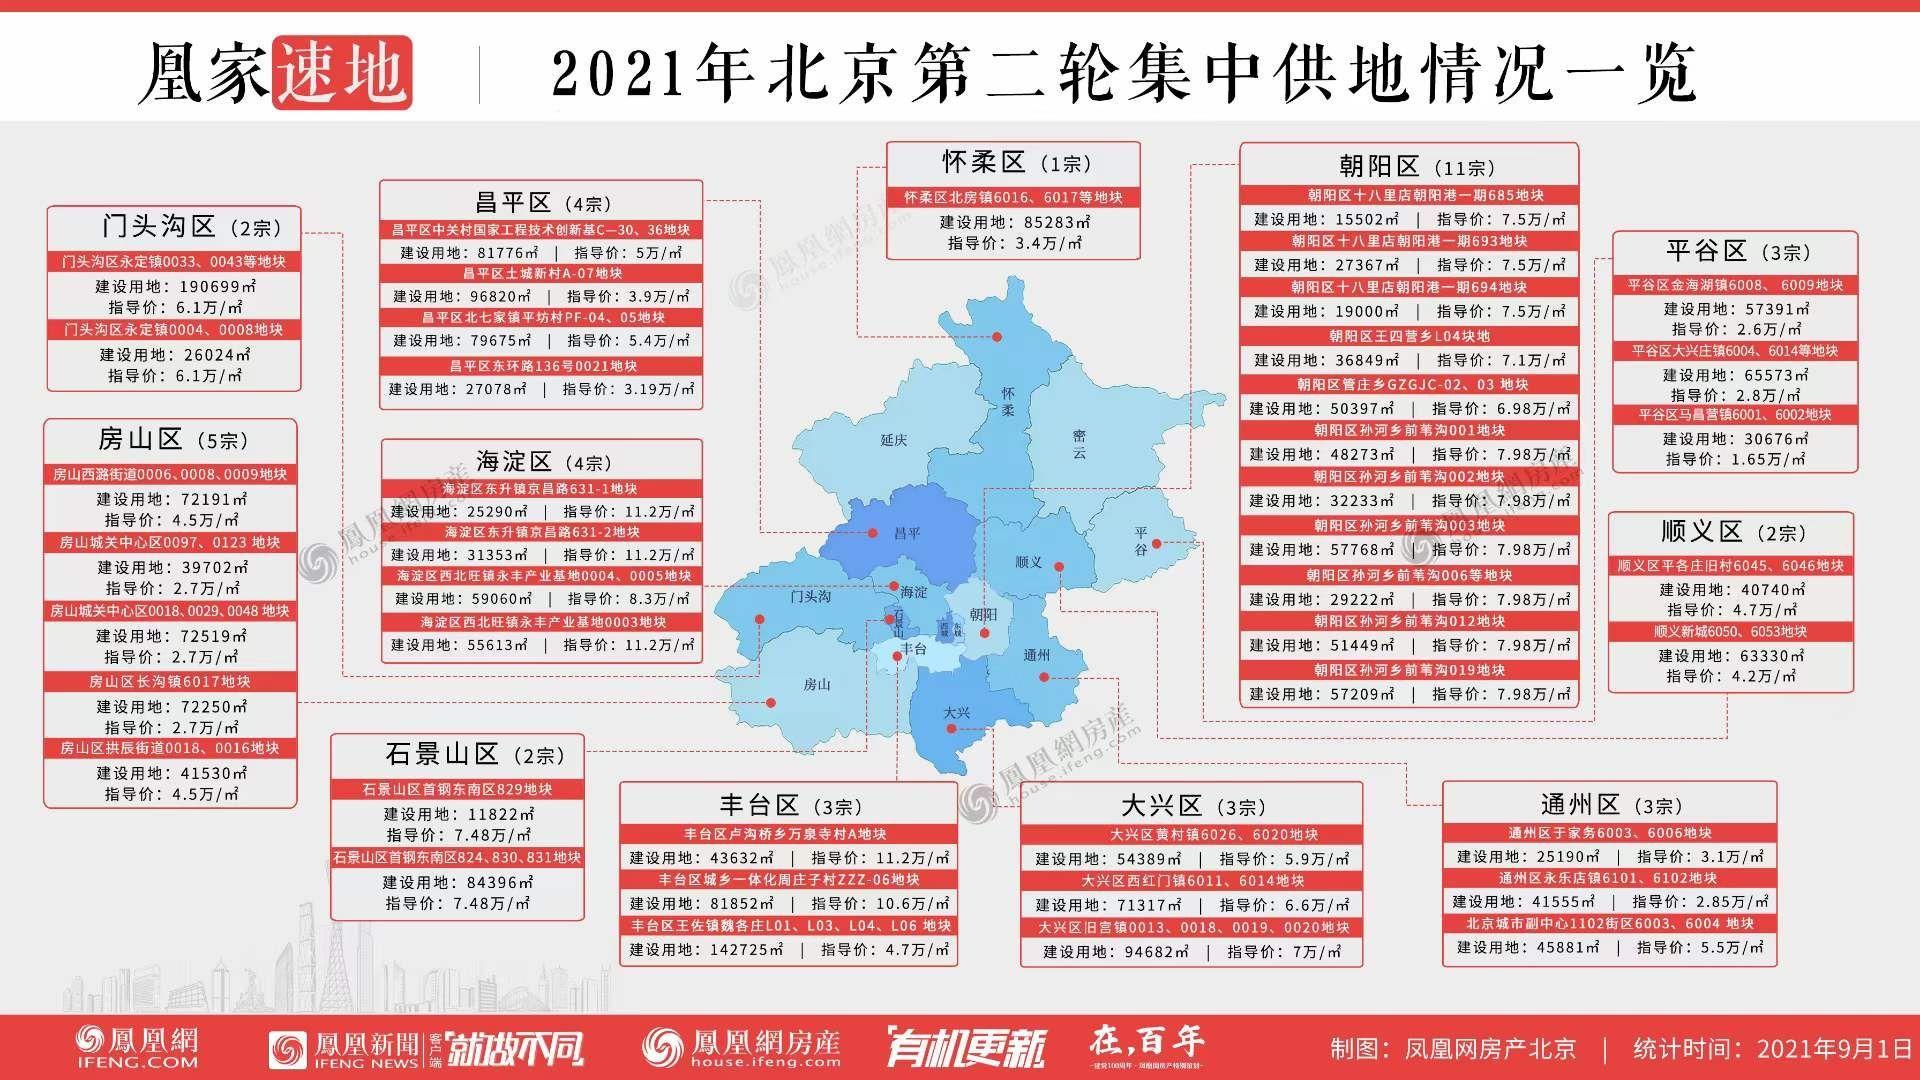 【北京】第二批挂牌43宗地块,起始价总额约1359亿